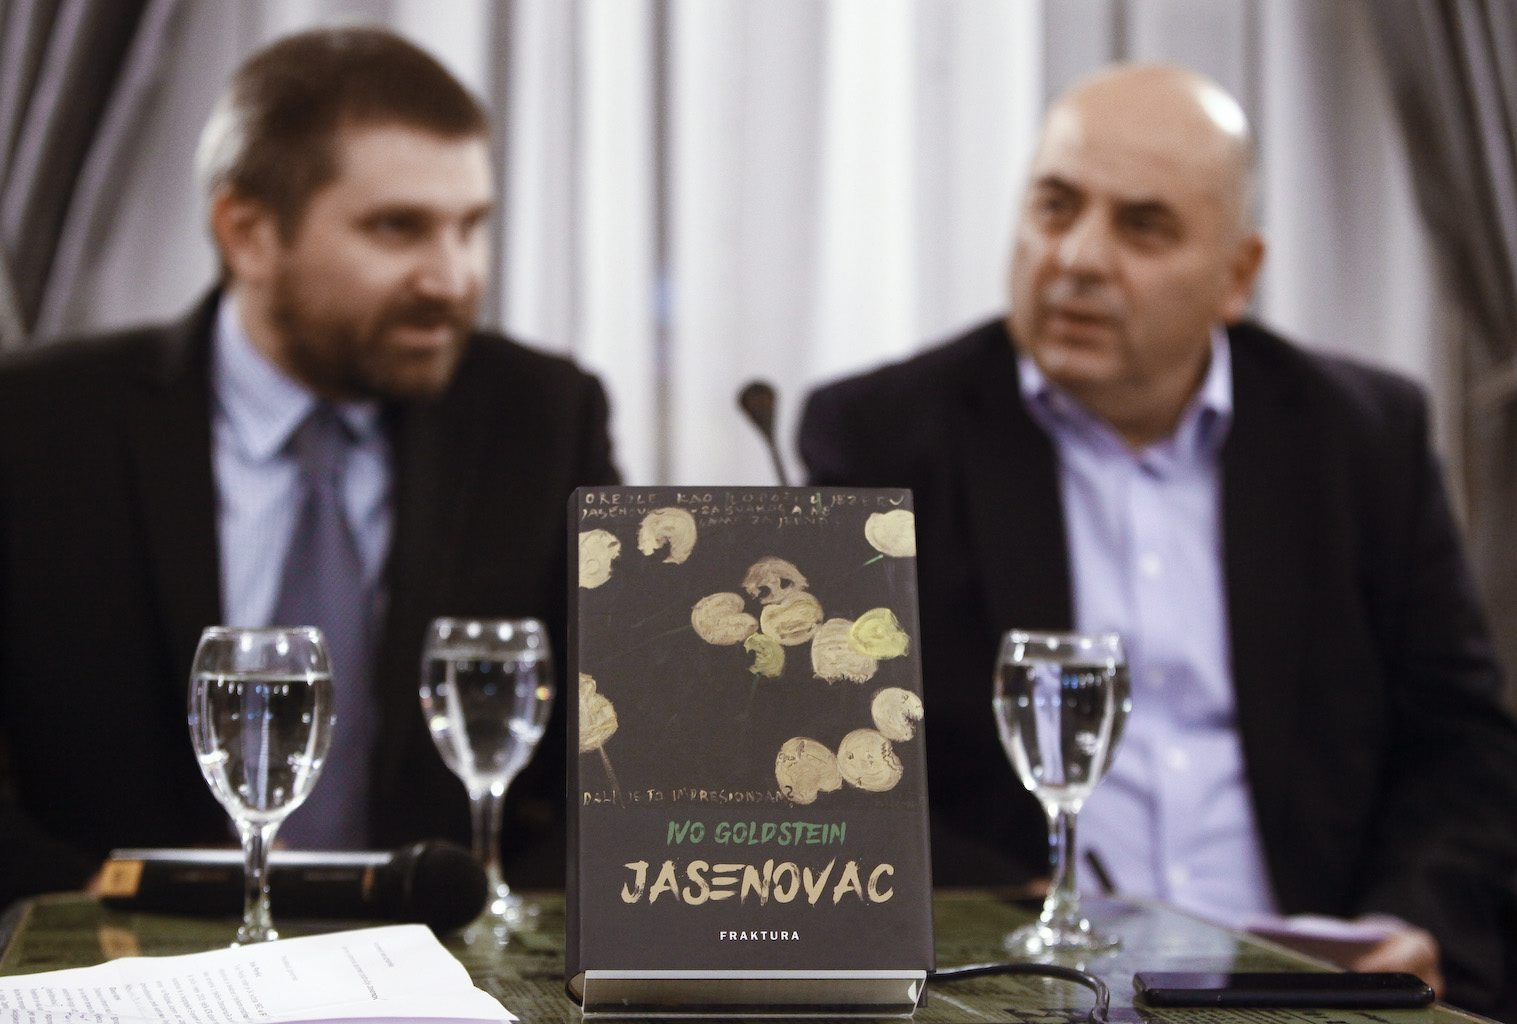 Zagreb, 211118. Novinarski dom, Perkovceva 2. Predstavljanje monografije Jasenovac Ive Goldsteina u Nakladi Frakture. Na fotografiji: monografija. Foto: Zeljko Puhovski / CROPIX